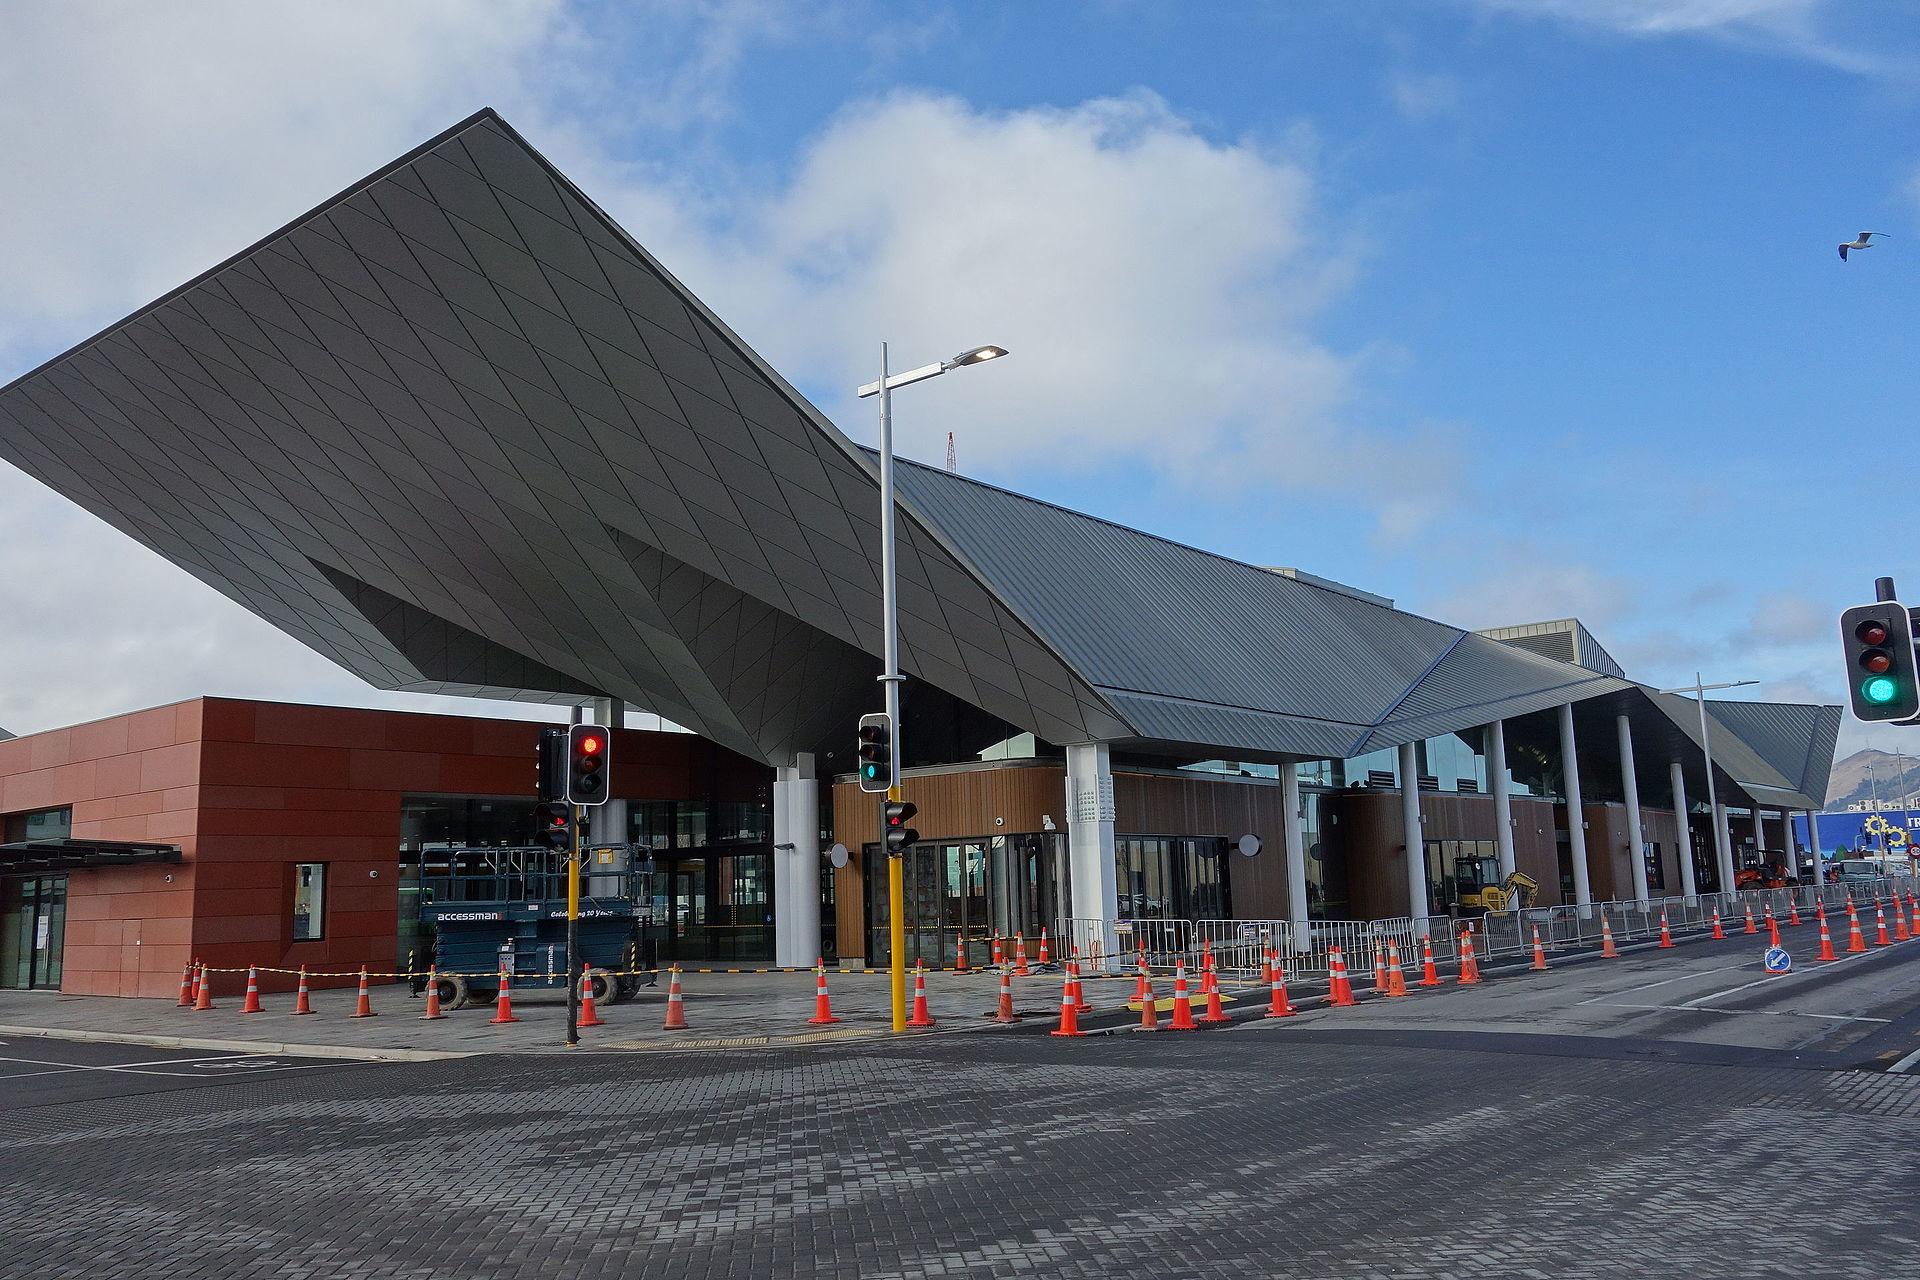 Christchurch Wikipedia: Public Transport In Christchurch